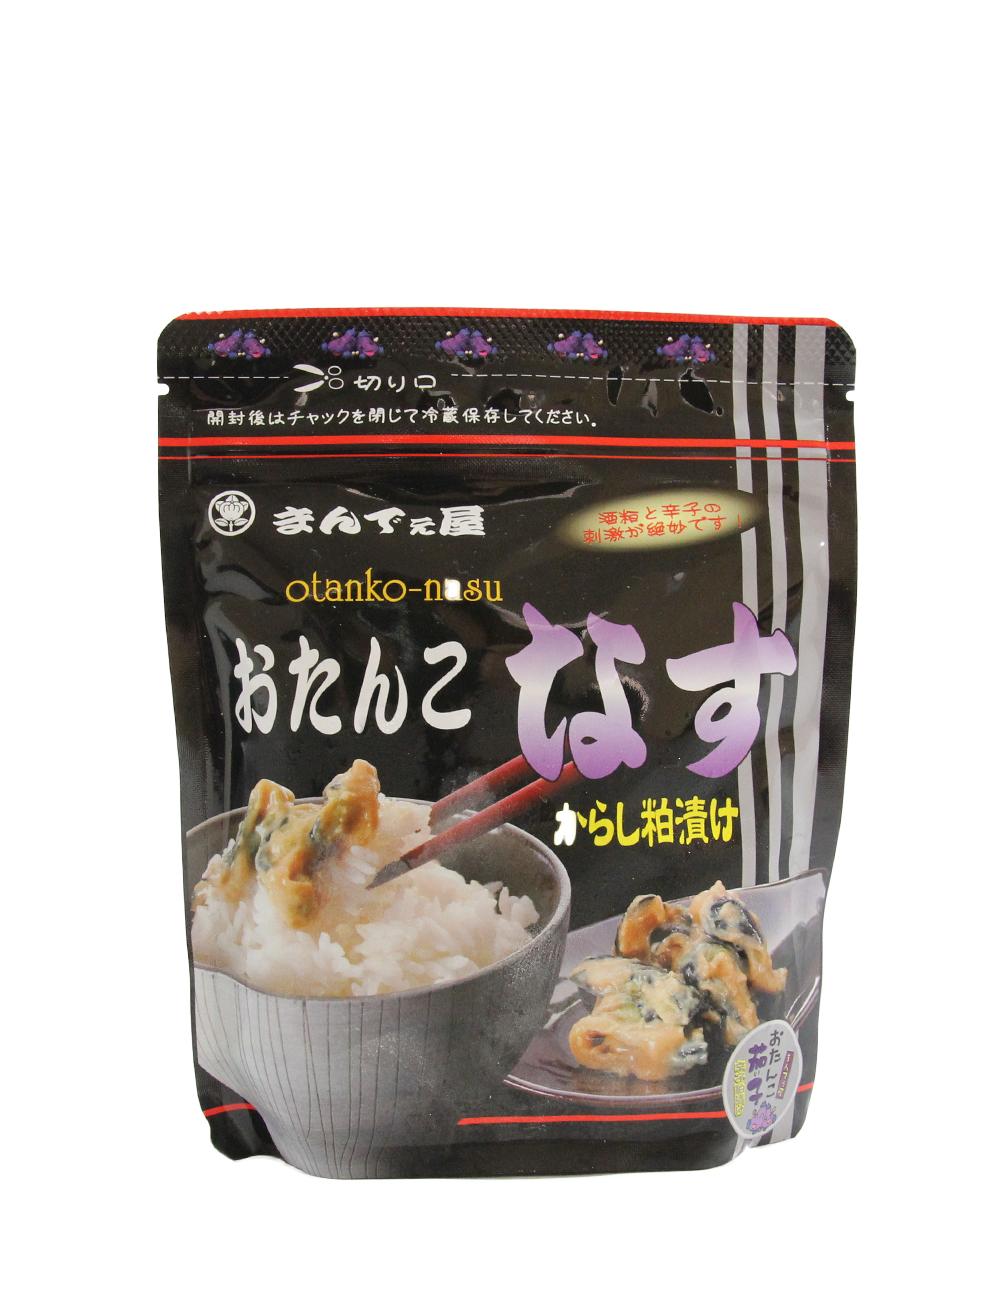 冷凍 おたんこなす からし粕漬け 広島県産酒粕